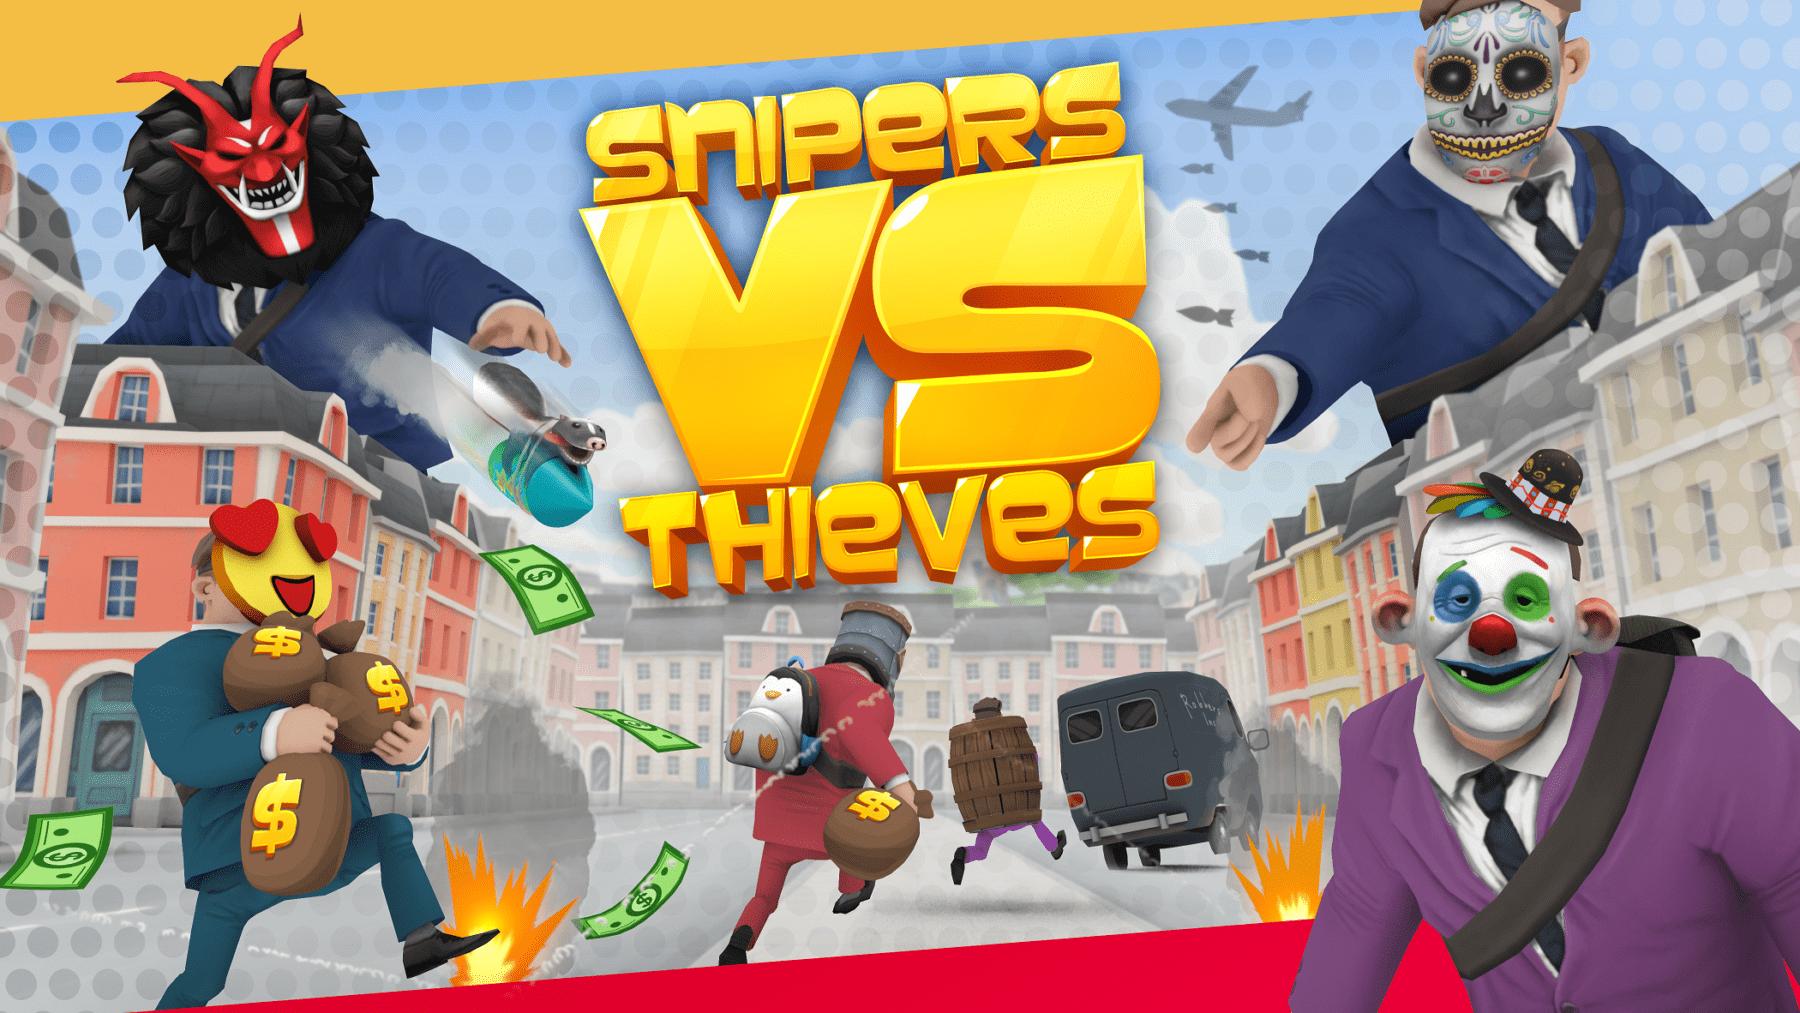 Snipers vs Thieves celebra a 25 millones de jugadores con una gran actualización